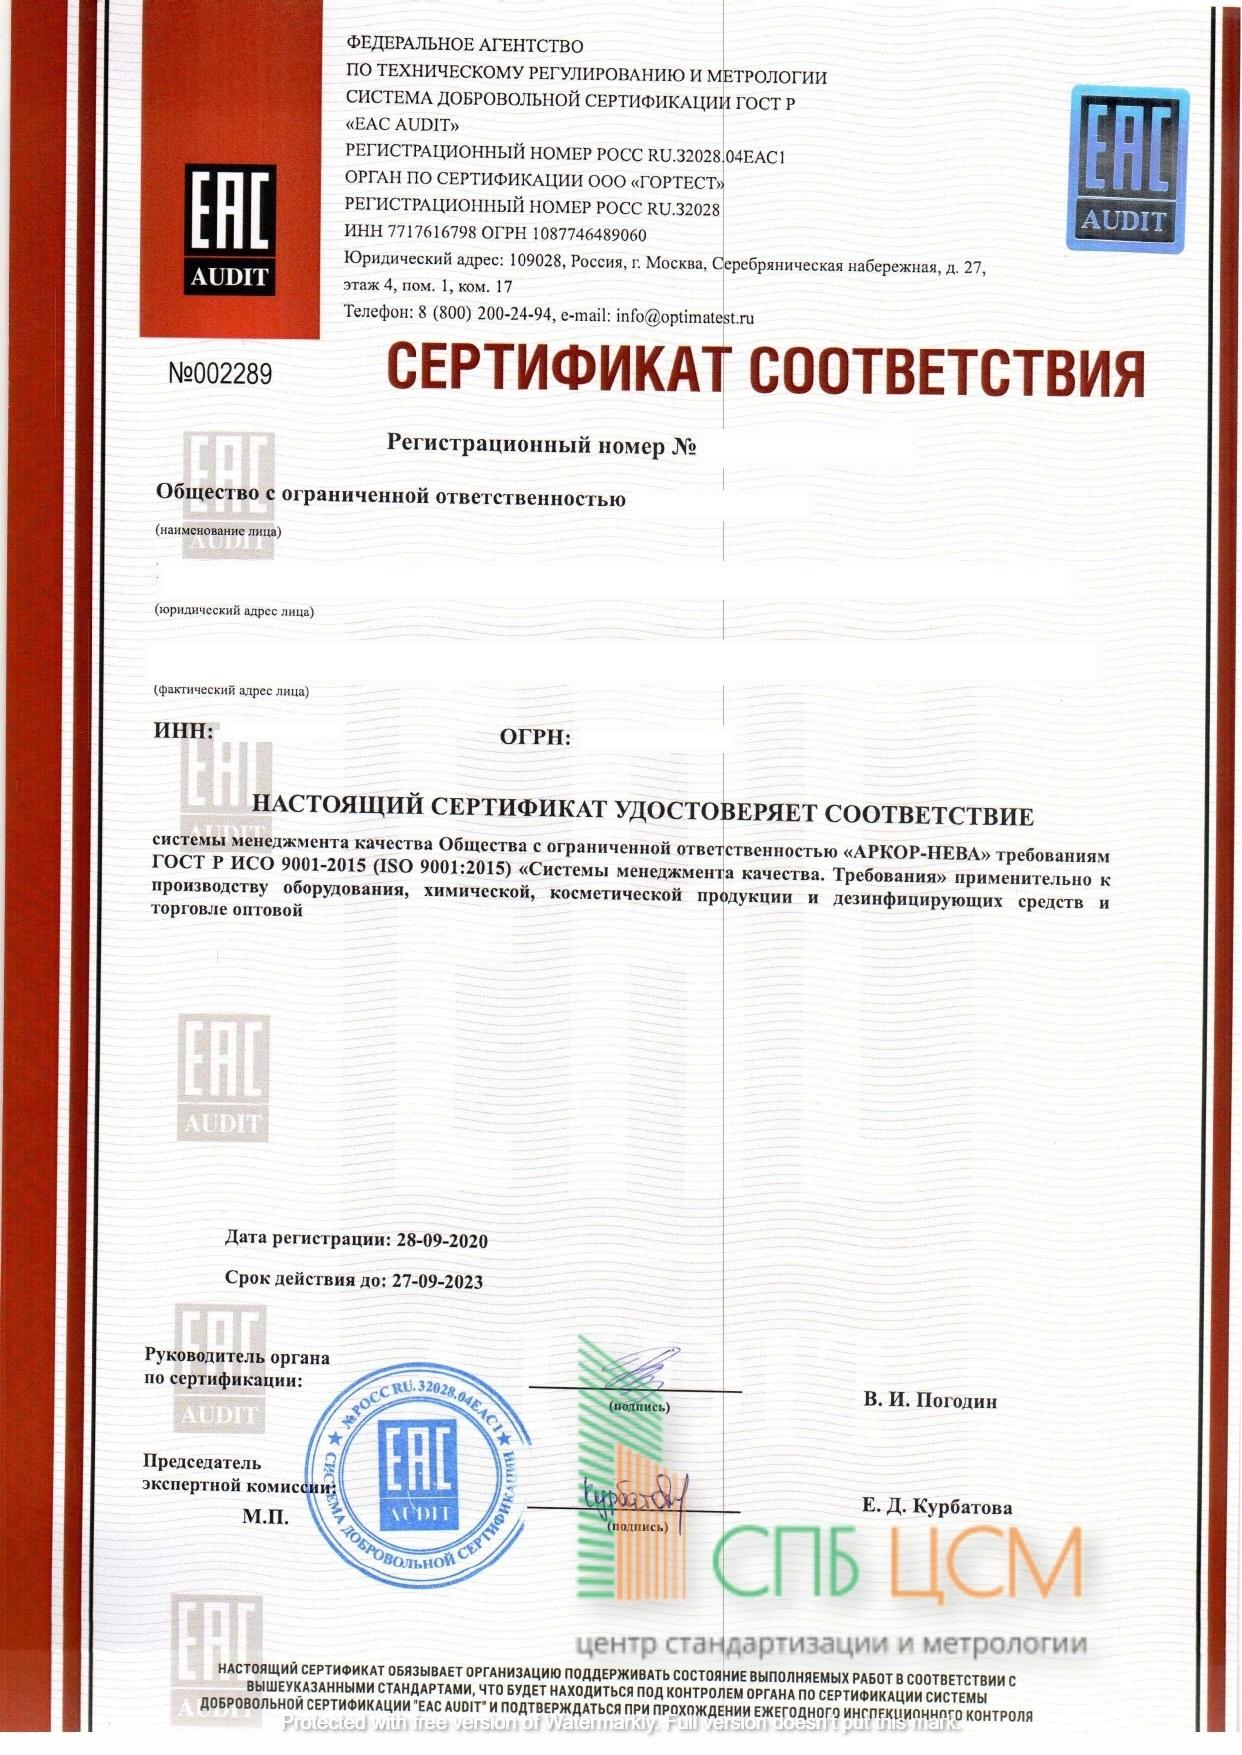 https://spbcsm.ru/sistemy-menedzhmenta-kachestva/sertifikat-sistemy-menedzhmenta-kachestva-iso/#content